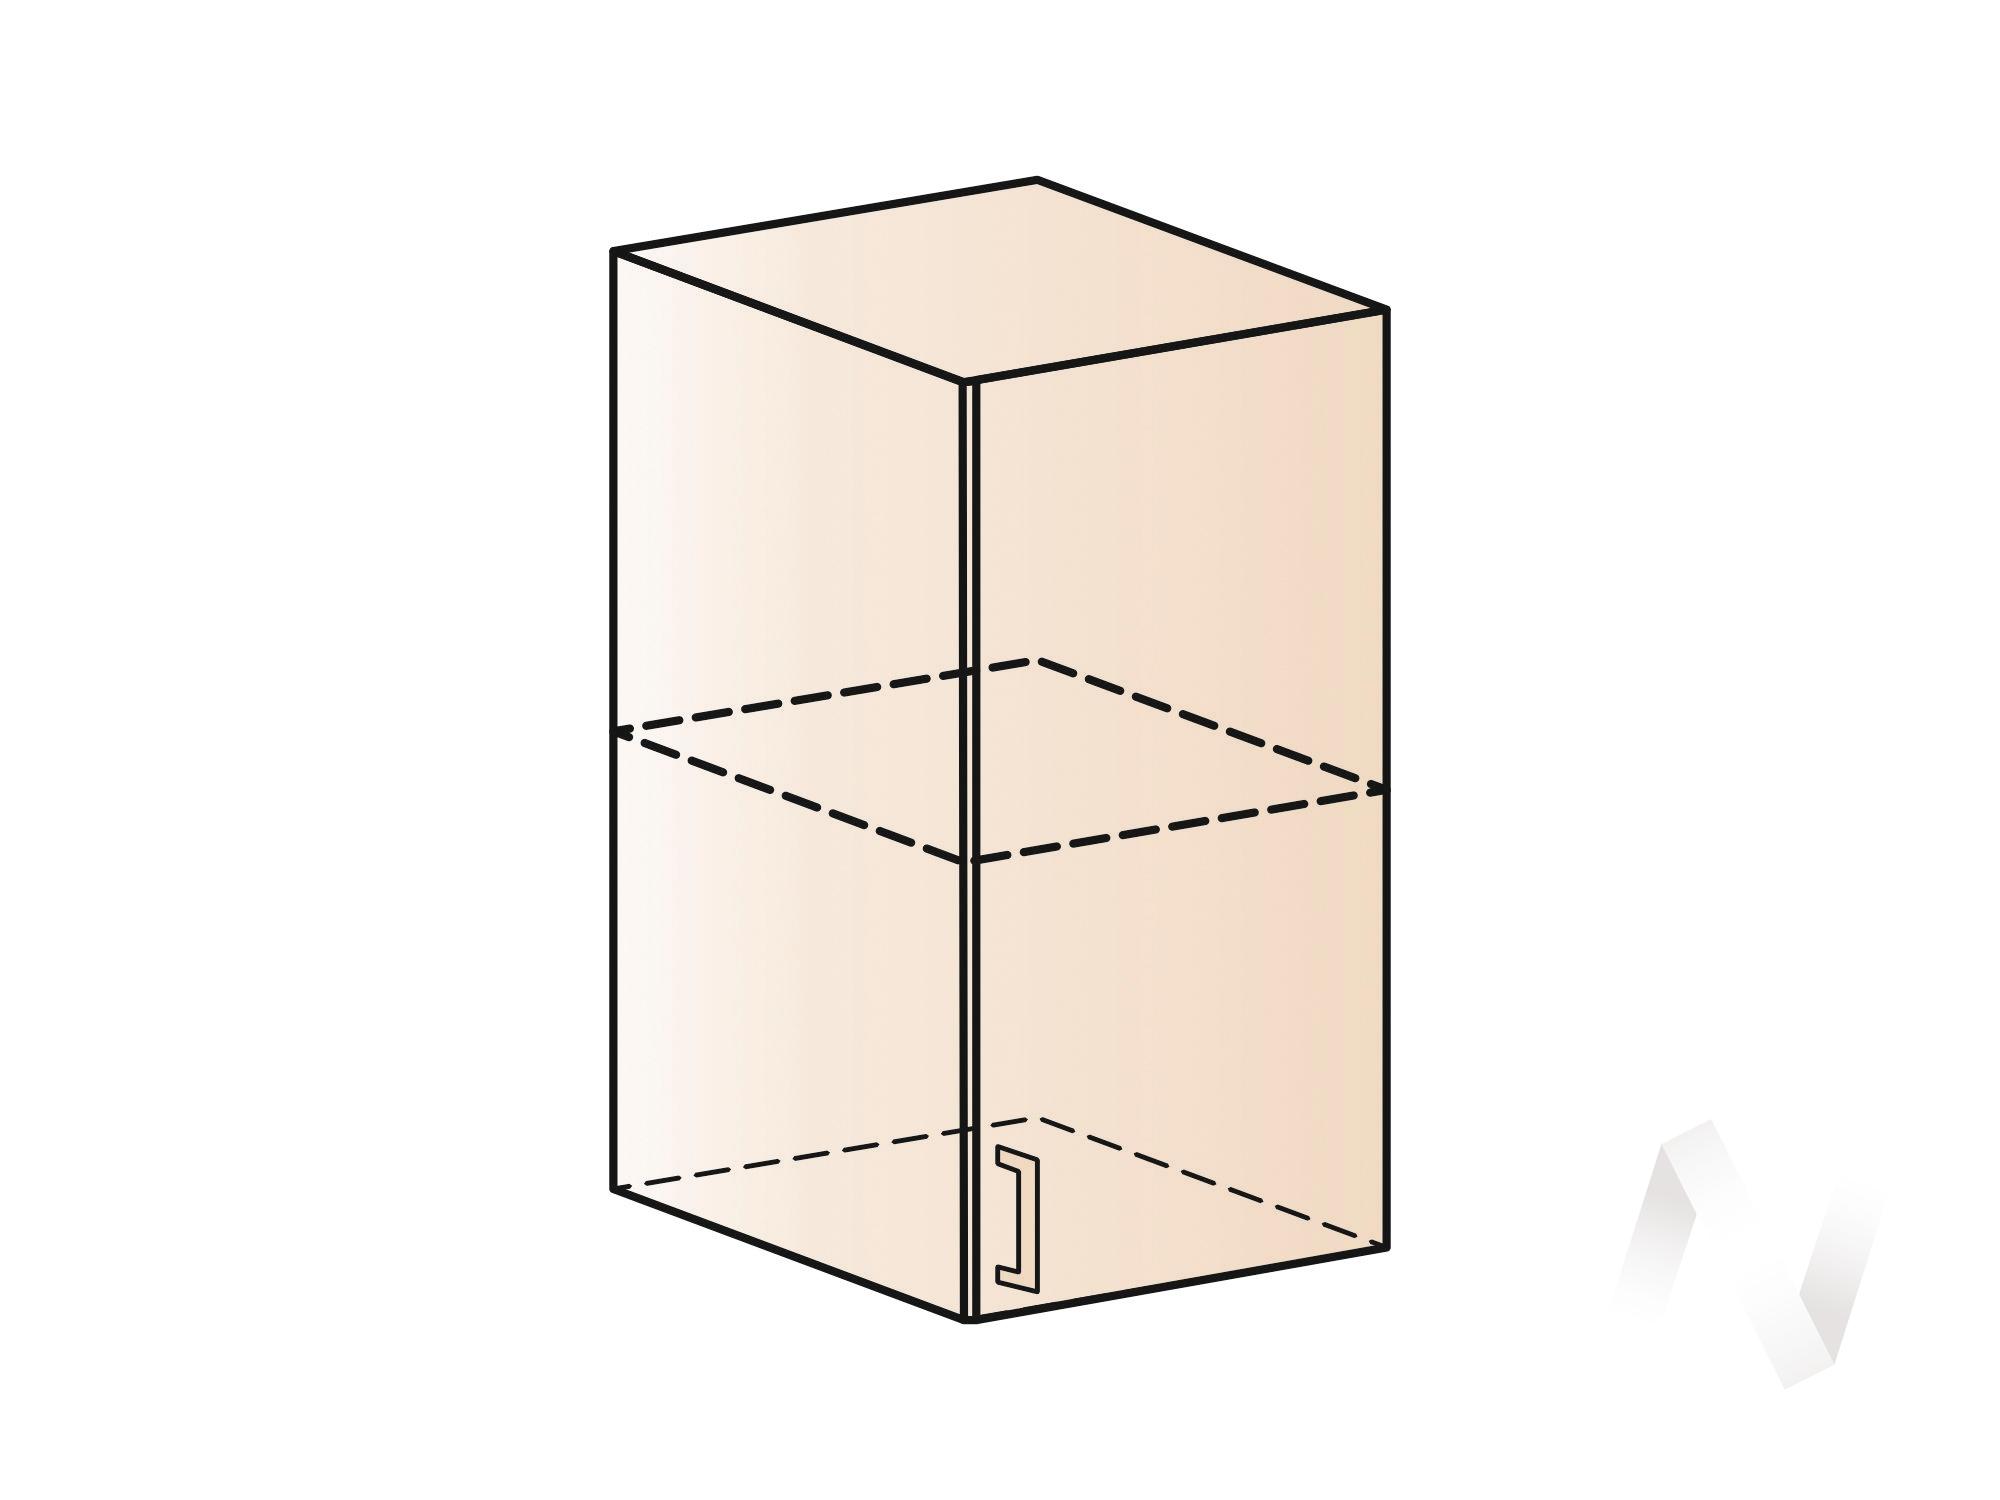 """Кухня """"Люкс"""": Шкаф верхний 400, ШВ 400 (Гобелен шампань/корпус венге) в Новосибирске в интернет-магазине мебели kuhnya54.ru"""